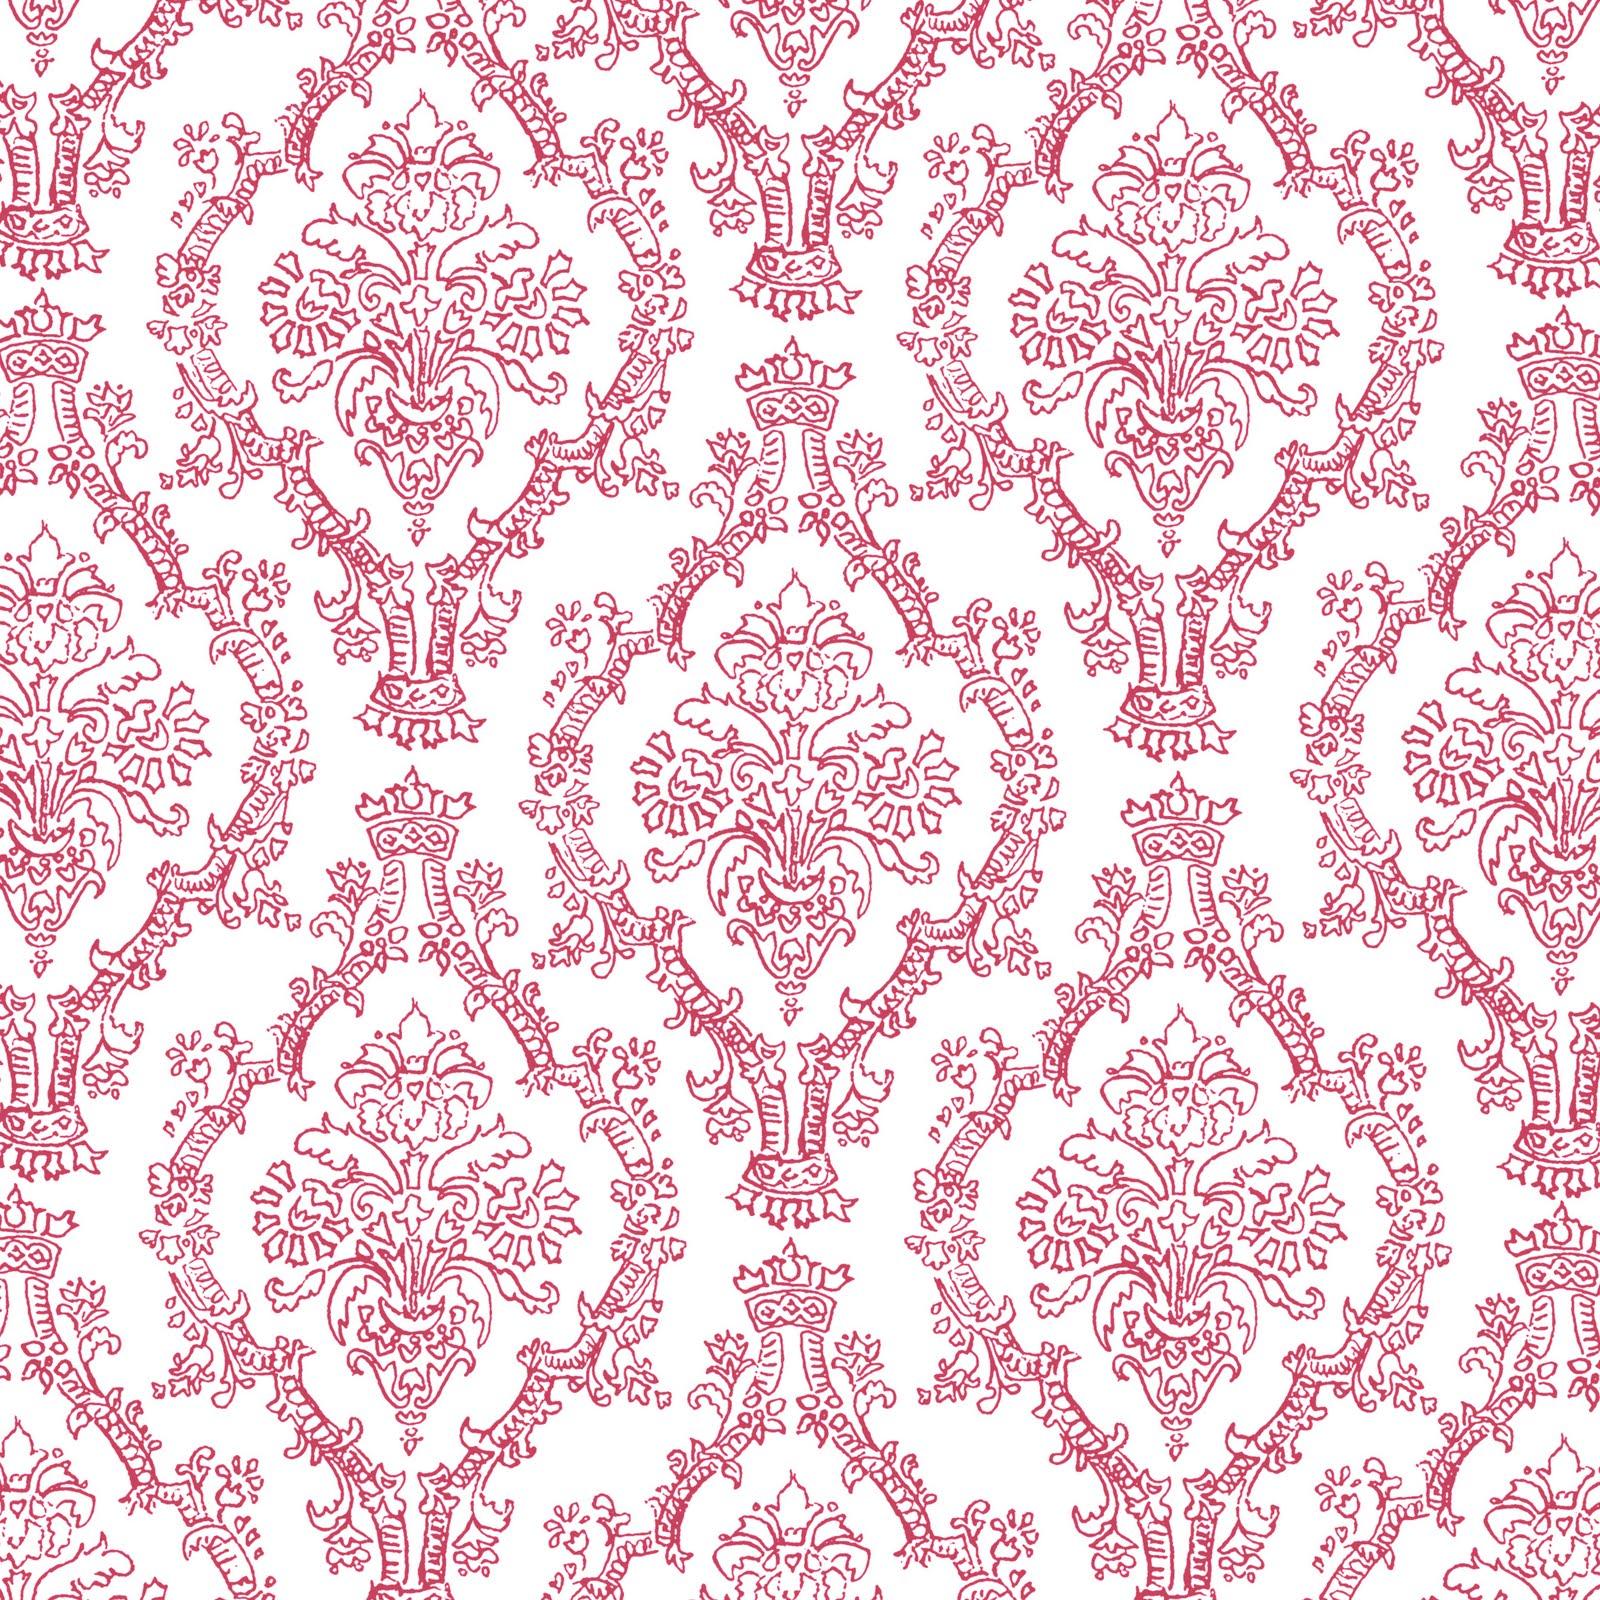 Mel Stampz 19 colour Pencil Damask patterns 1600x1600